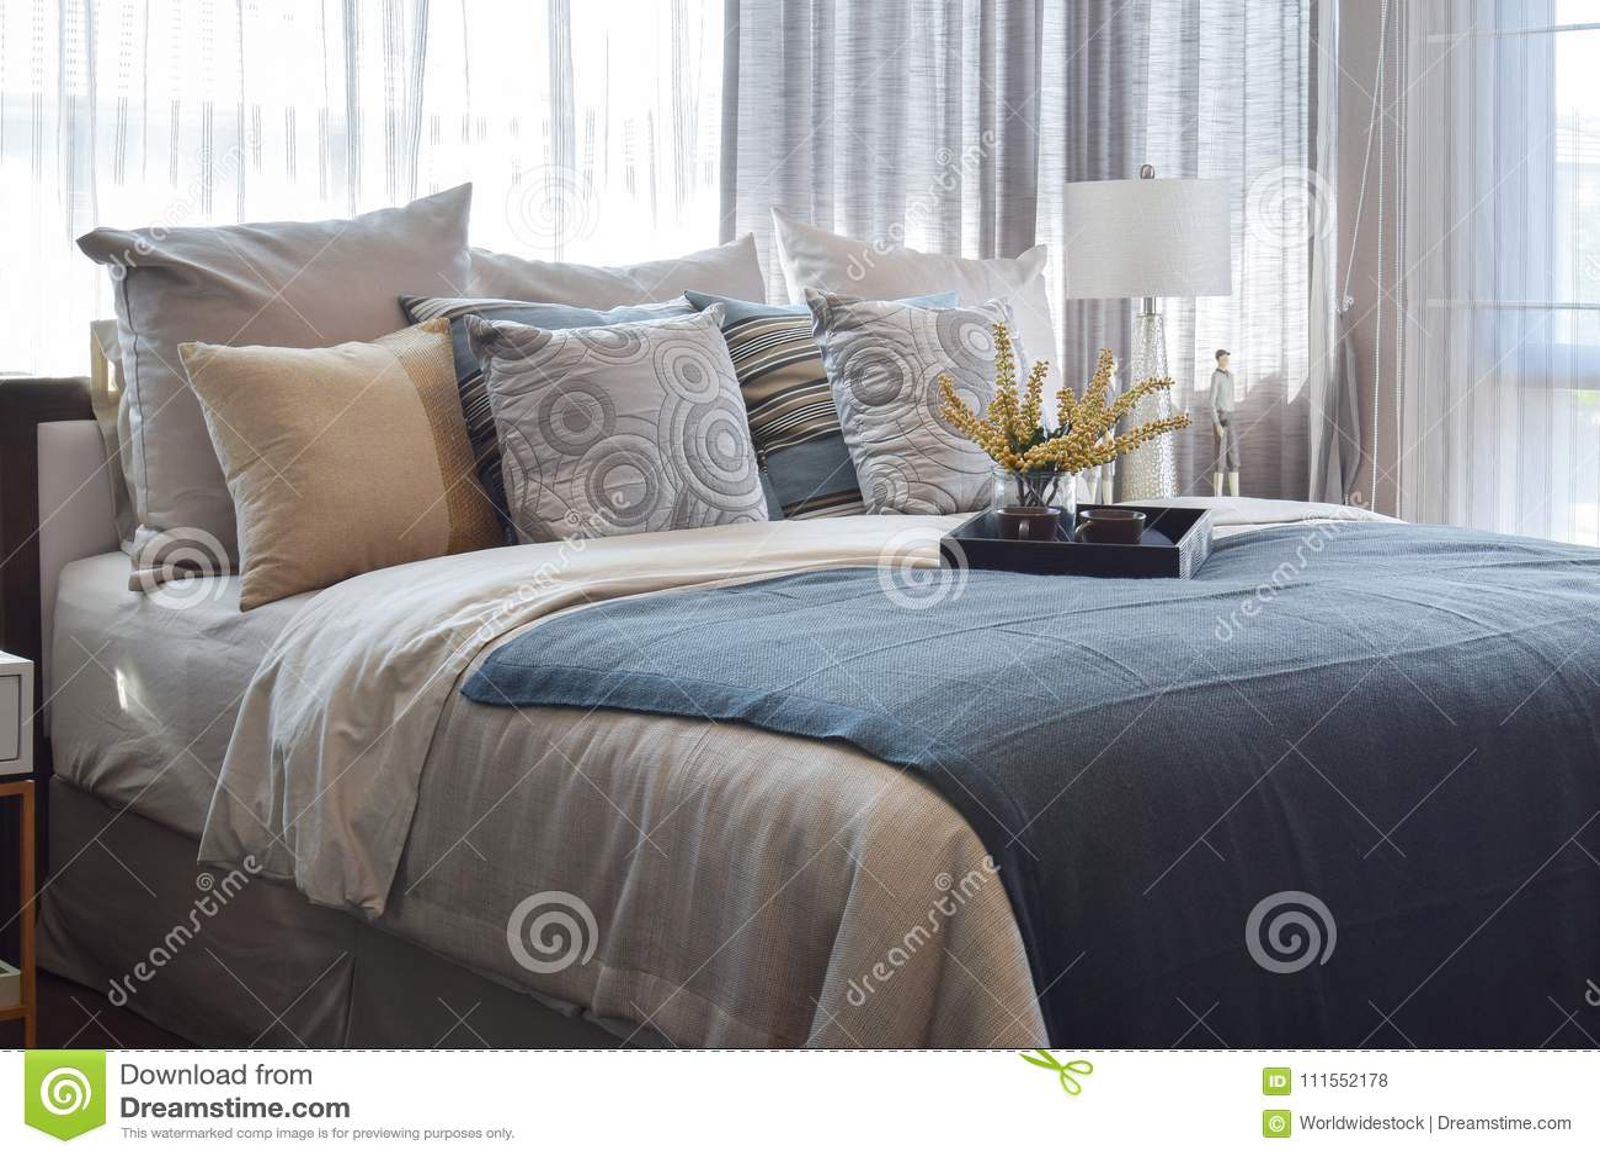 Dormitorio de lujo con las almohadas rayadas y juego de té decorativo en cama